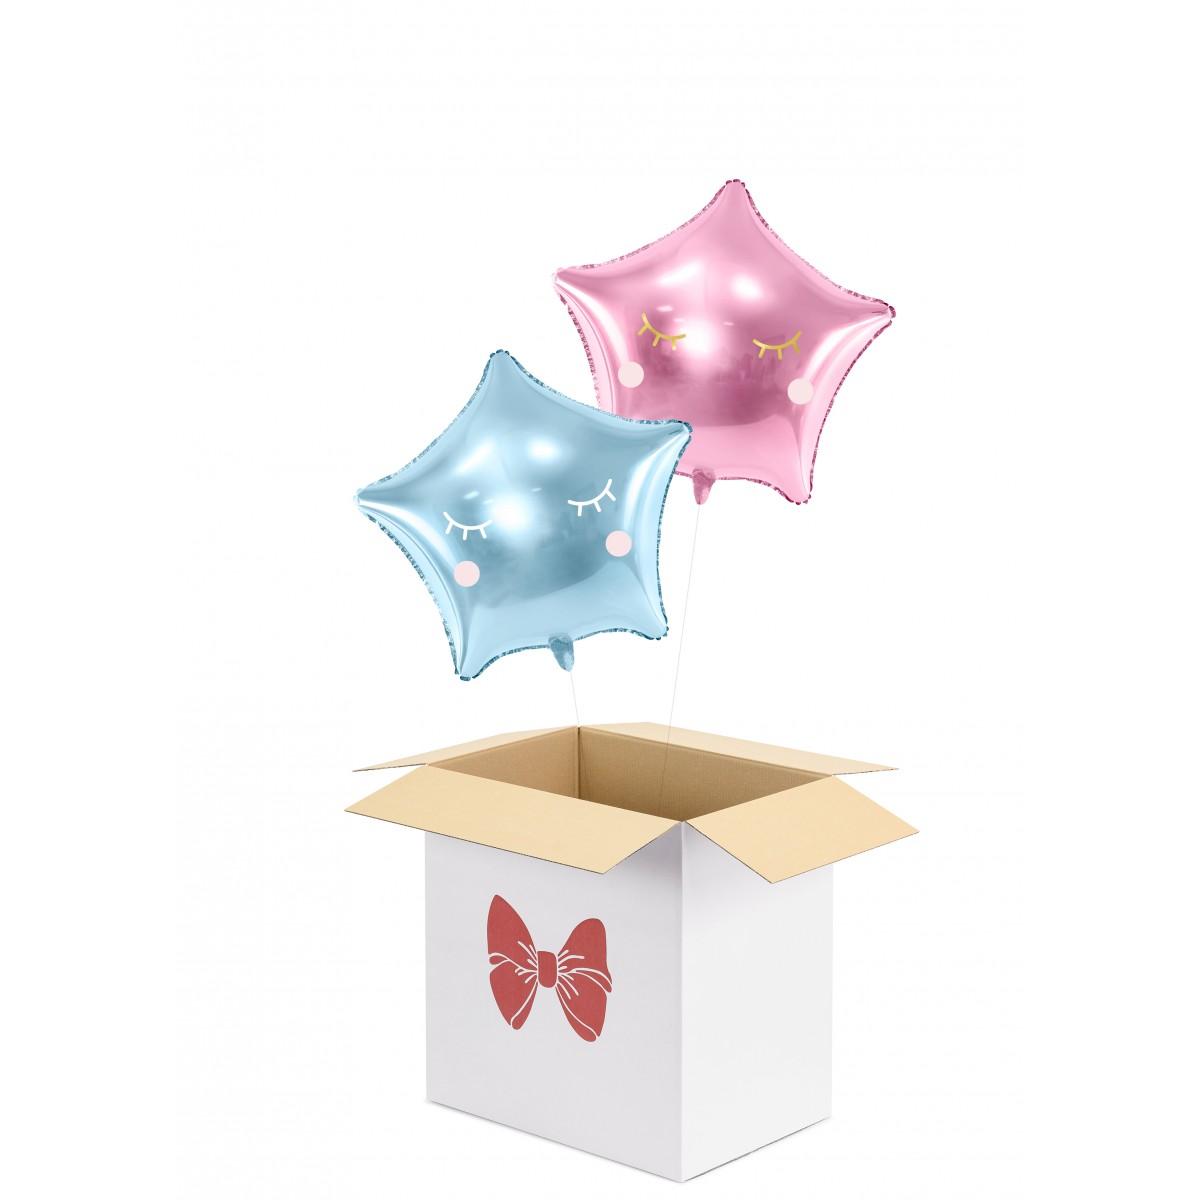 Party balloon box